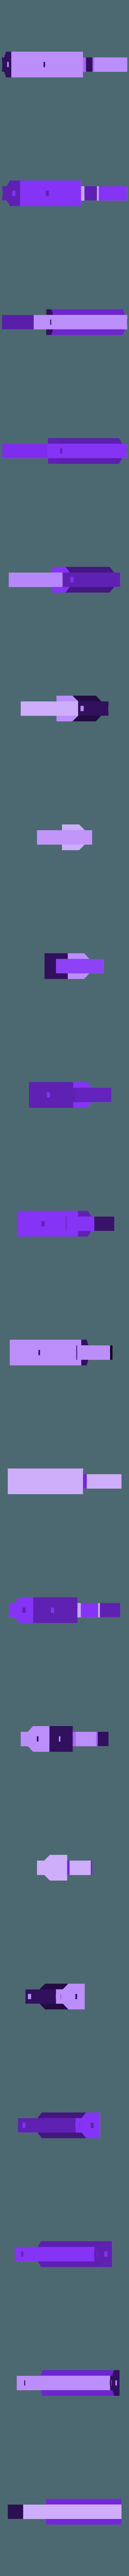 Front_Top.stl Télécharger fichier STL gratuit Le concept du fusil Khan de Marvels The Exiles • Plan pour imprimante 3D, Dsk